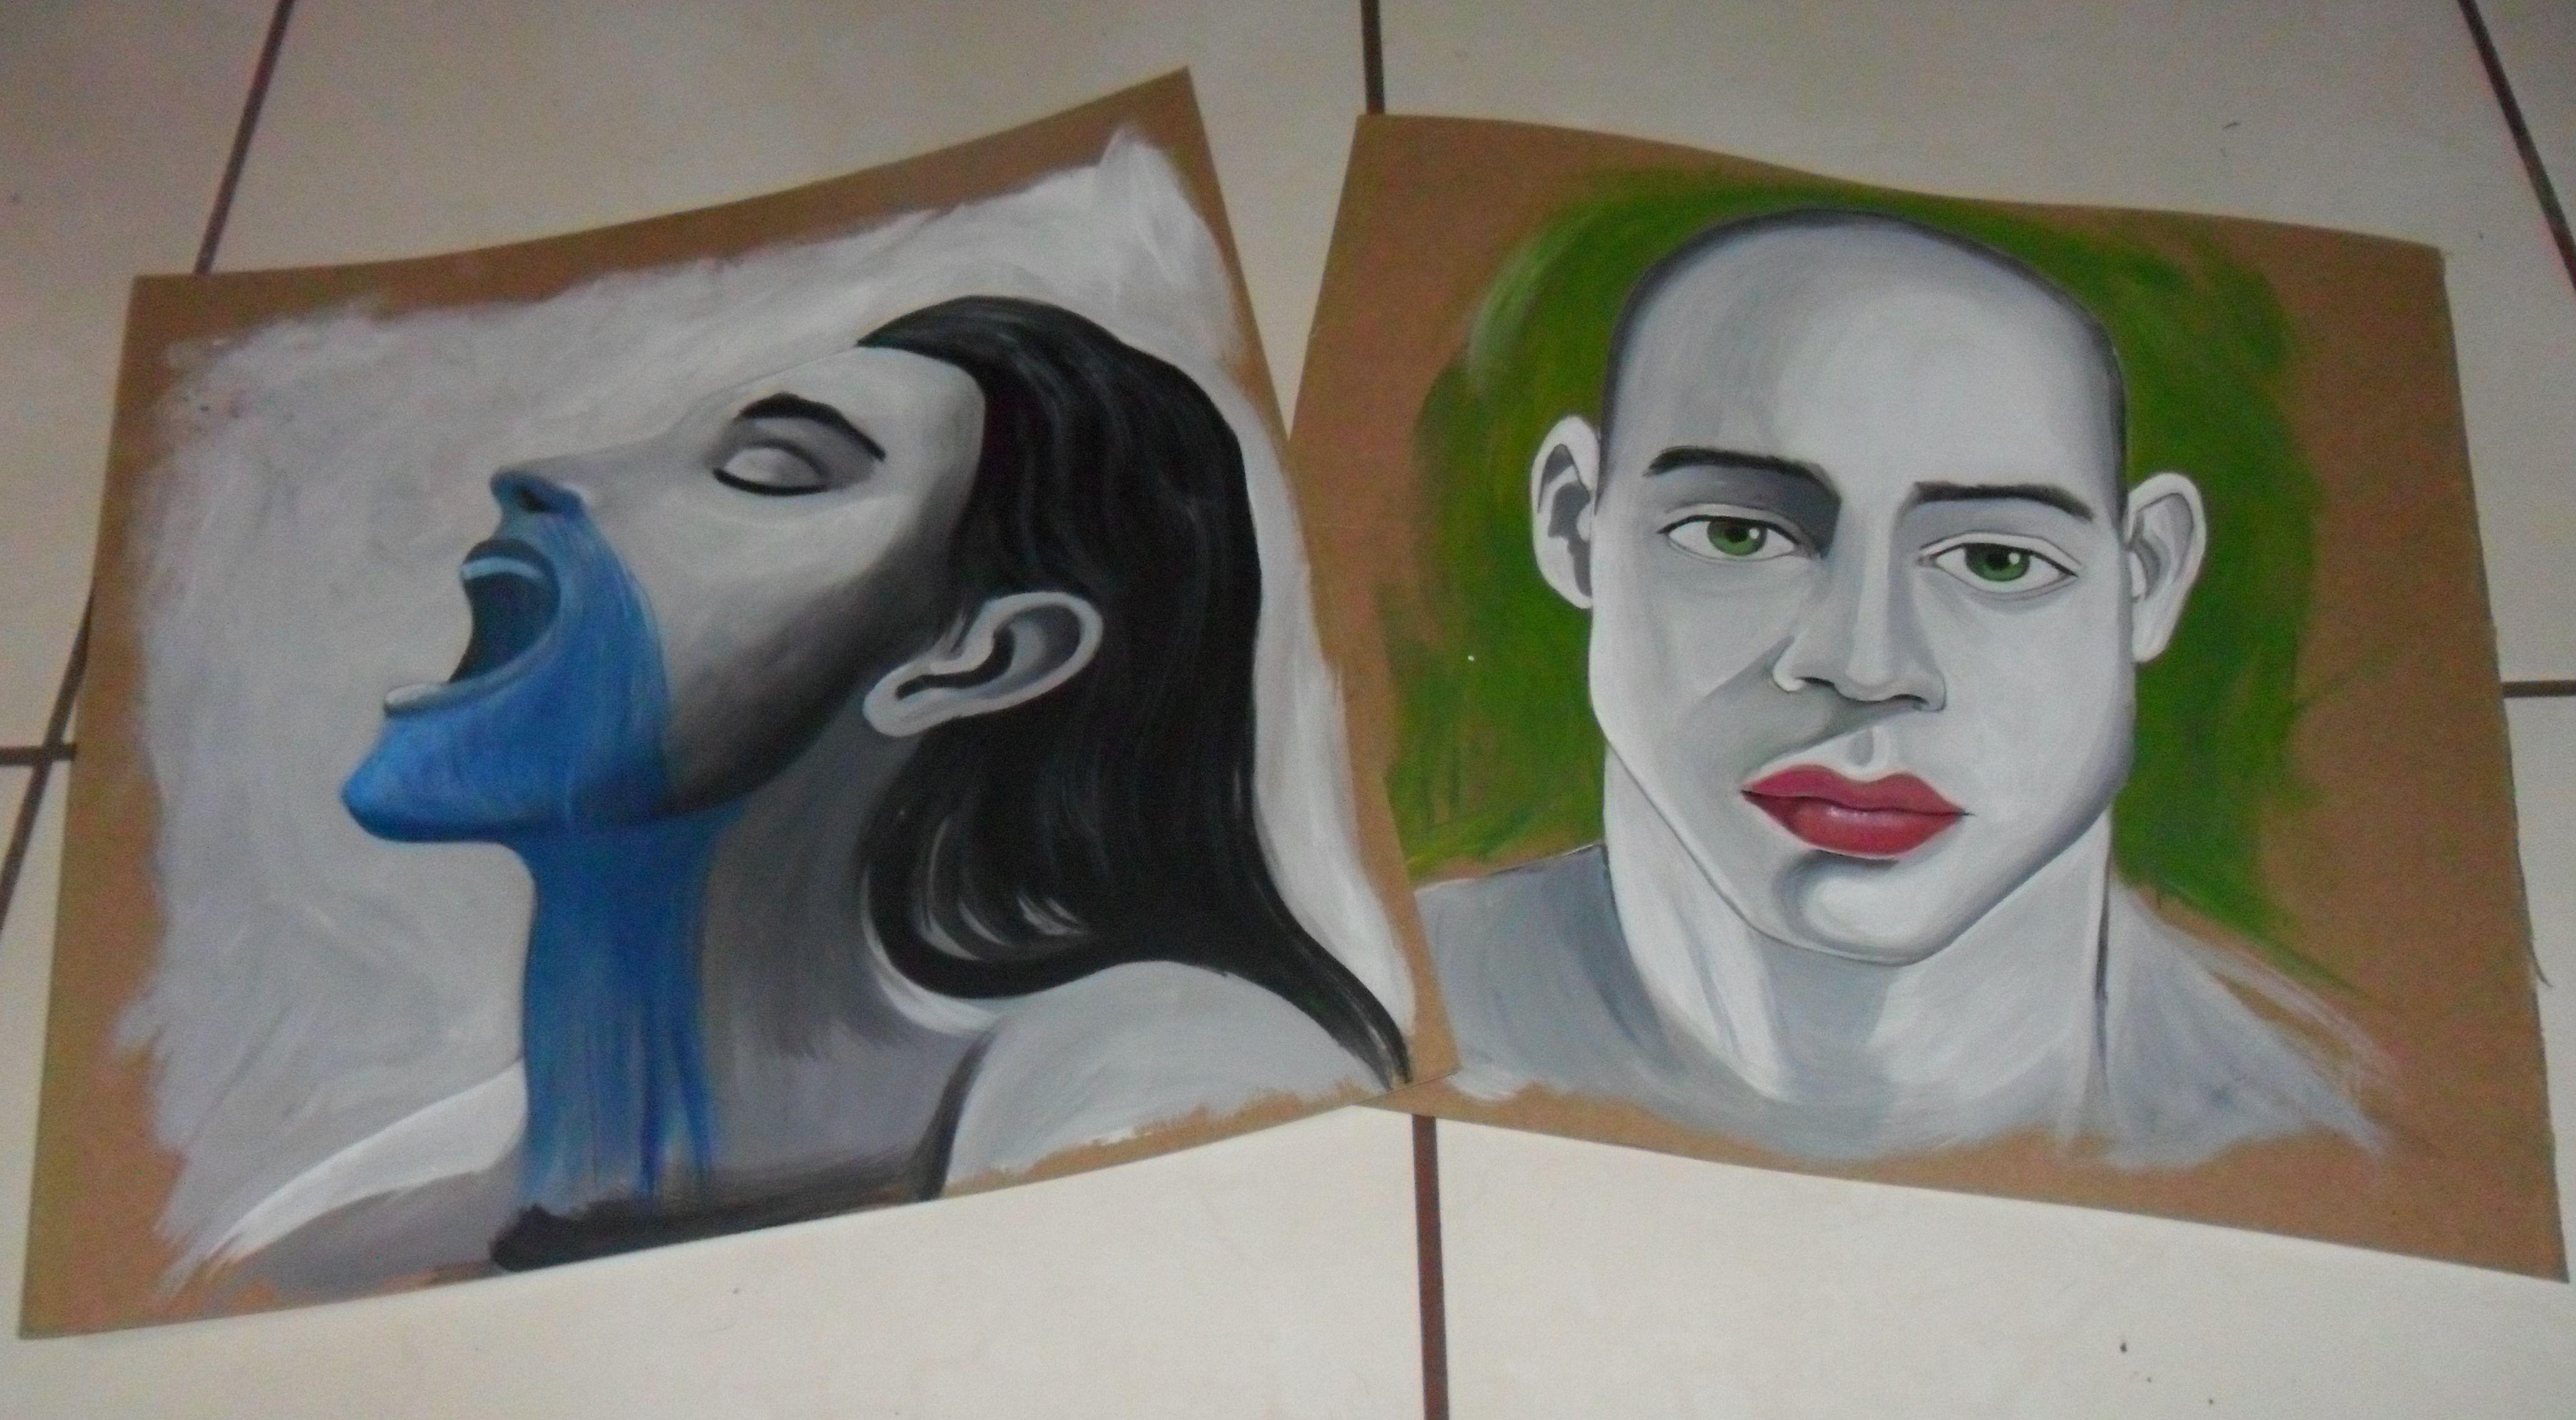 Bocetos de rostros en acrílico Susana Soto Poblette 2014